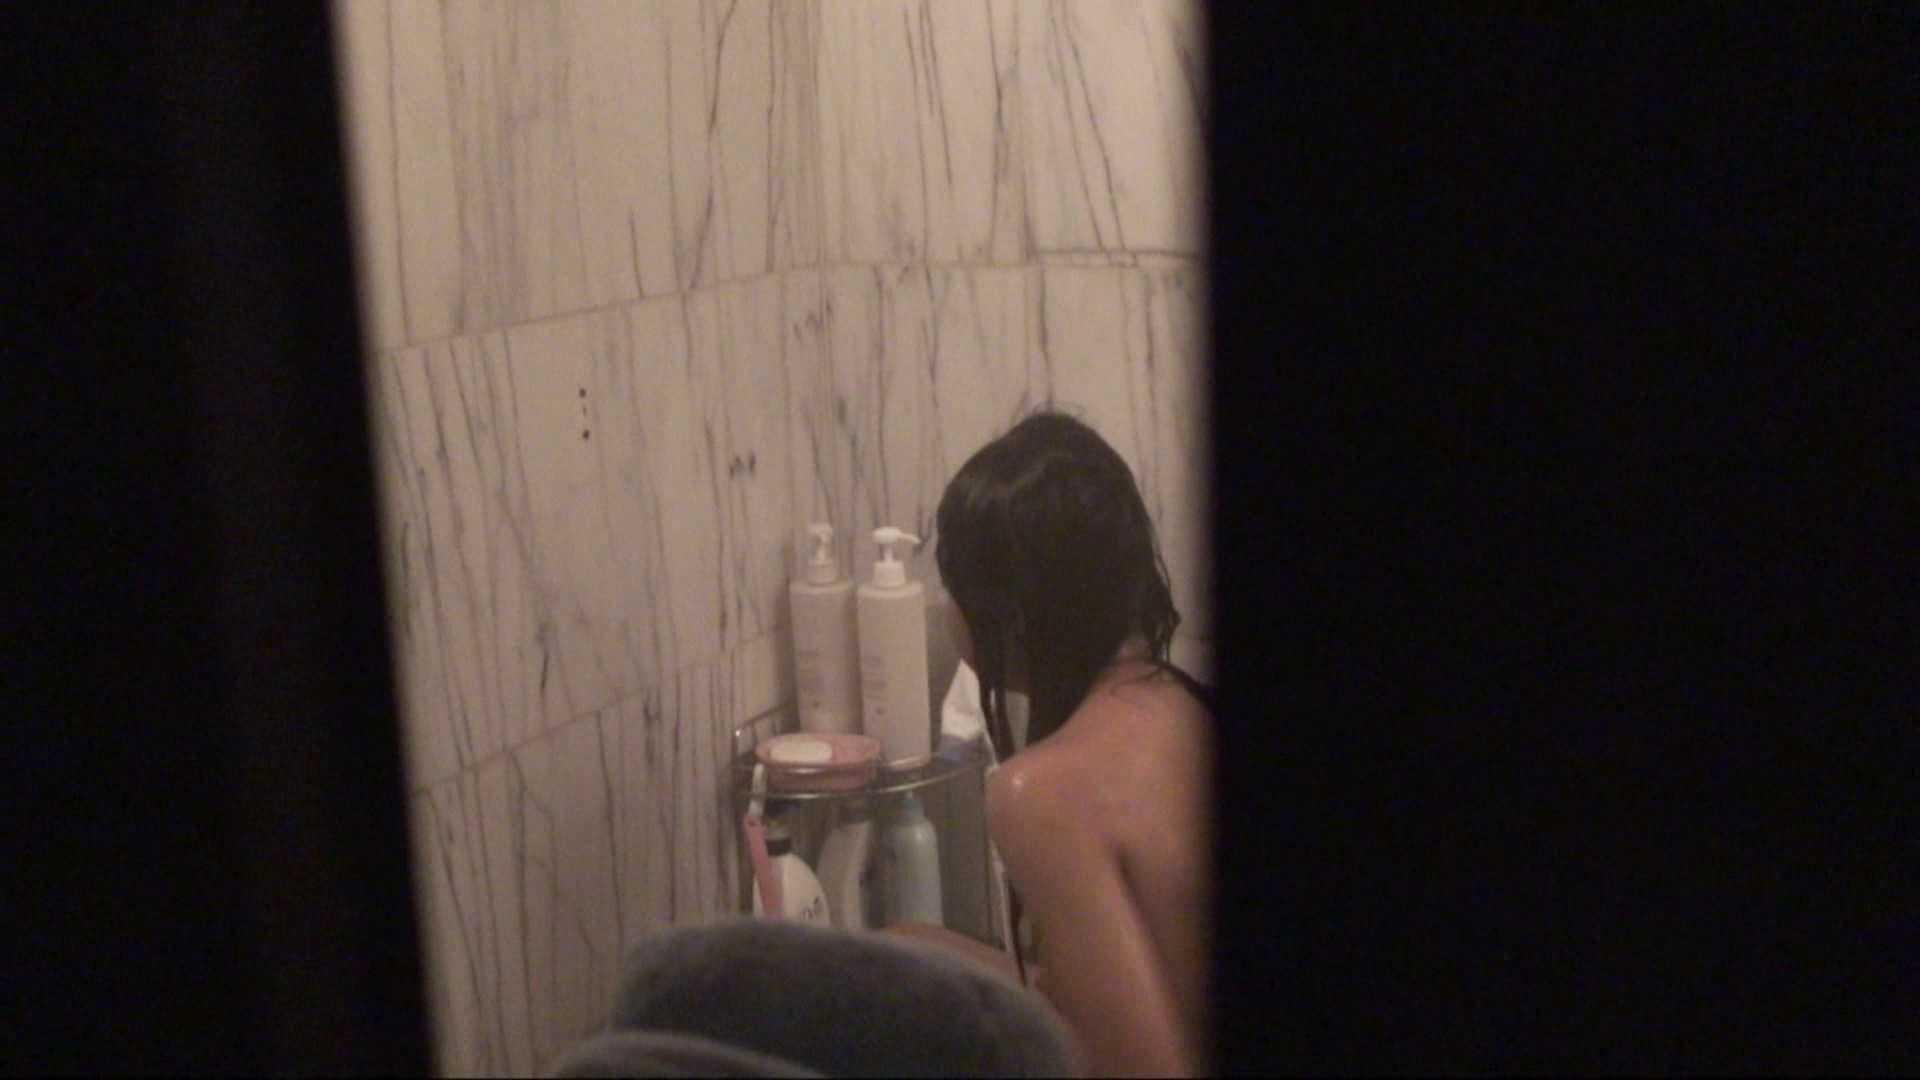 vol.03歌いながらつるつるのおっぱいを洗い流す彼女!近すぎてバレちゃた!? 細身女性 性交動画流出 72画像 3